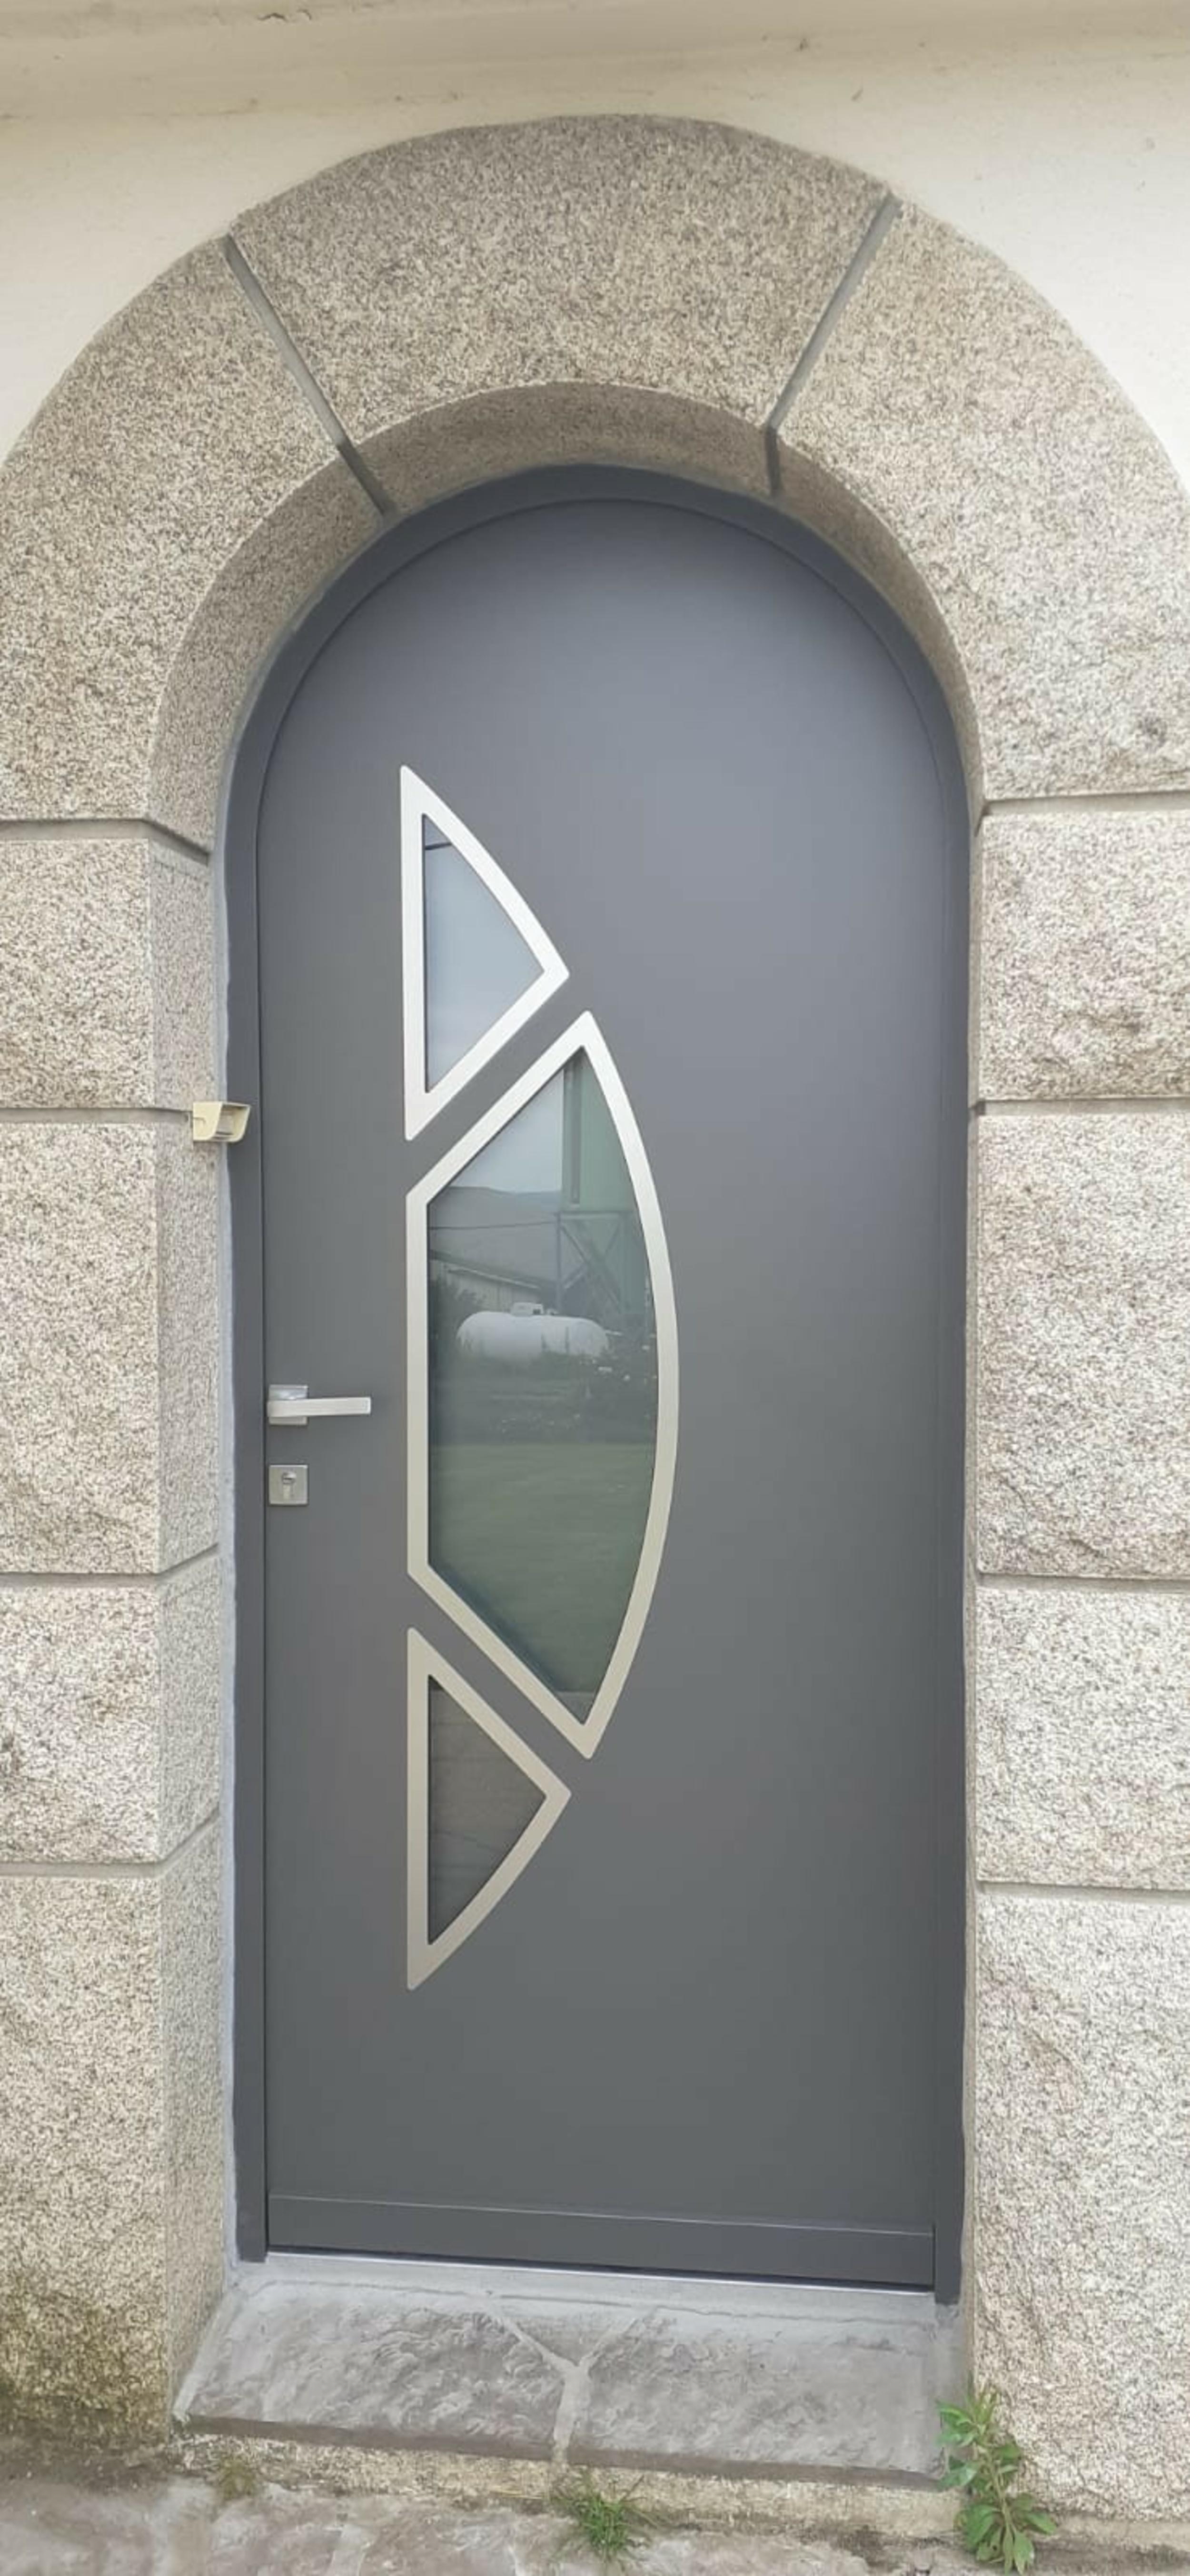 Porte d''entrée cintrée avec insertions de métal et verre - Quimper